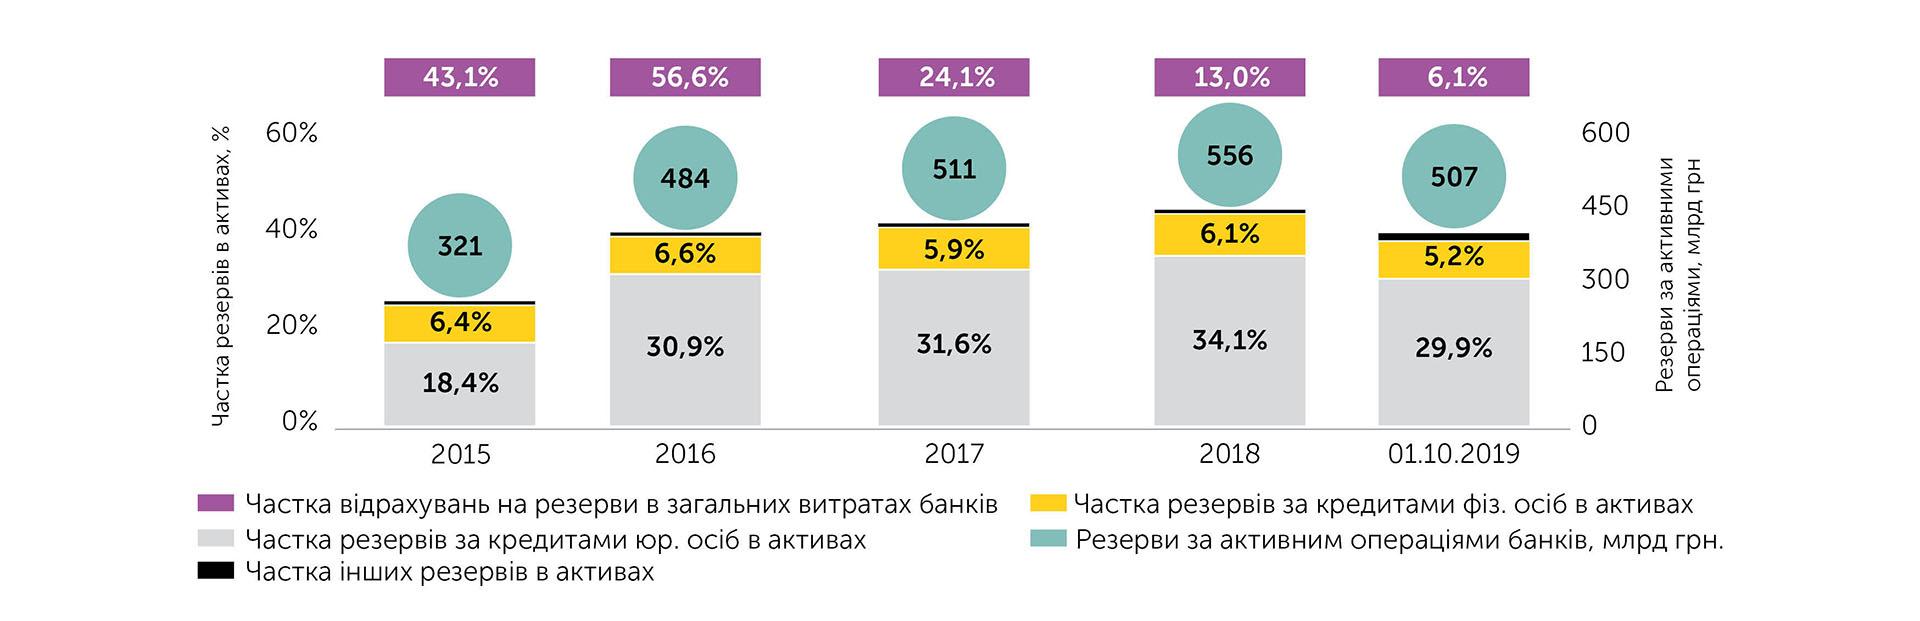 Бізнес: підготовка до зростання | Kyivstar Business Hub зображення №23